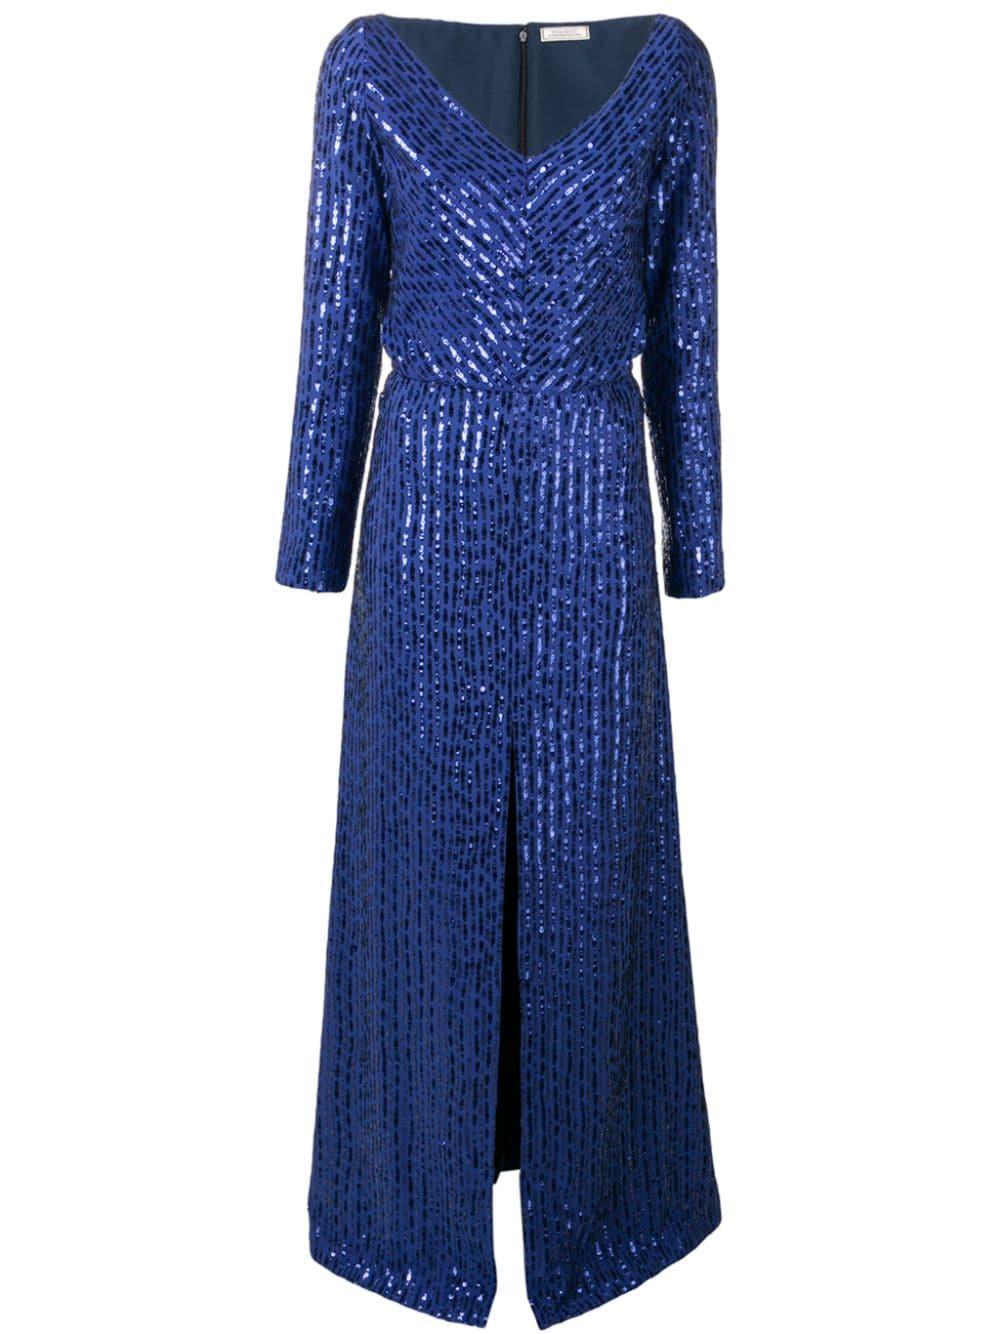 NINA RICCI | платье в полоску с пайетками и эффектом металлик | Clouty